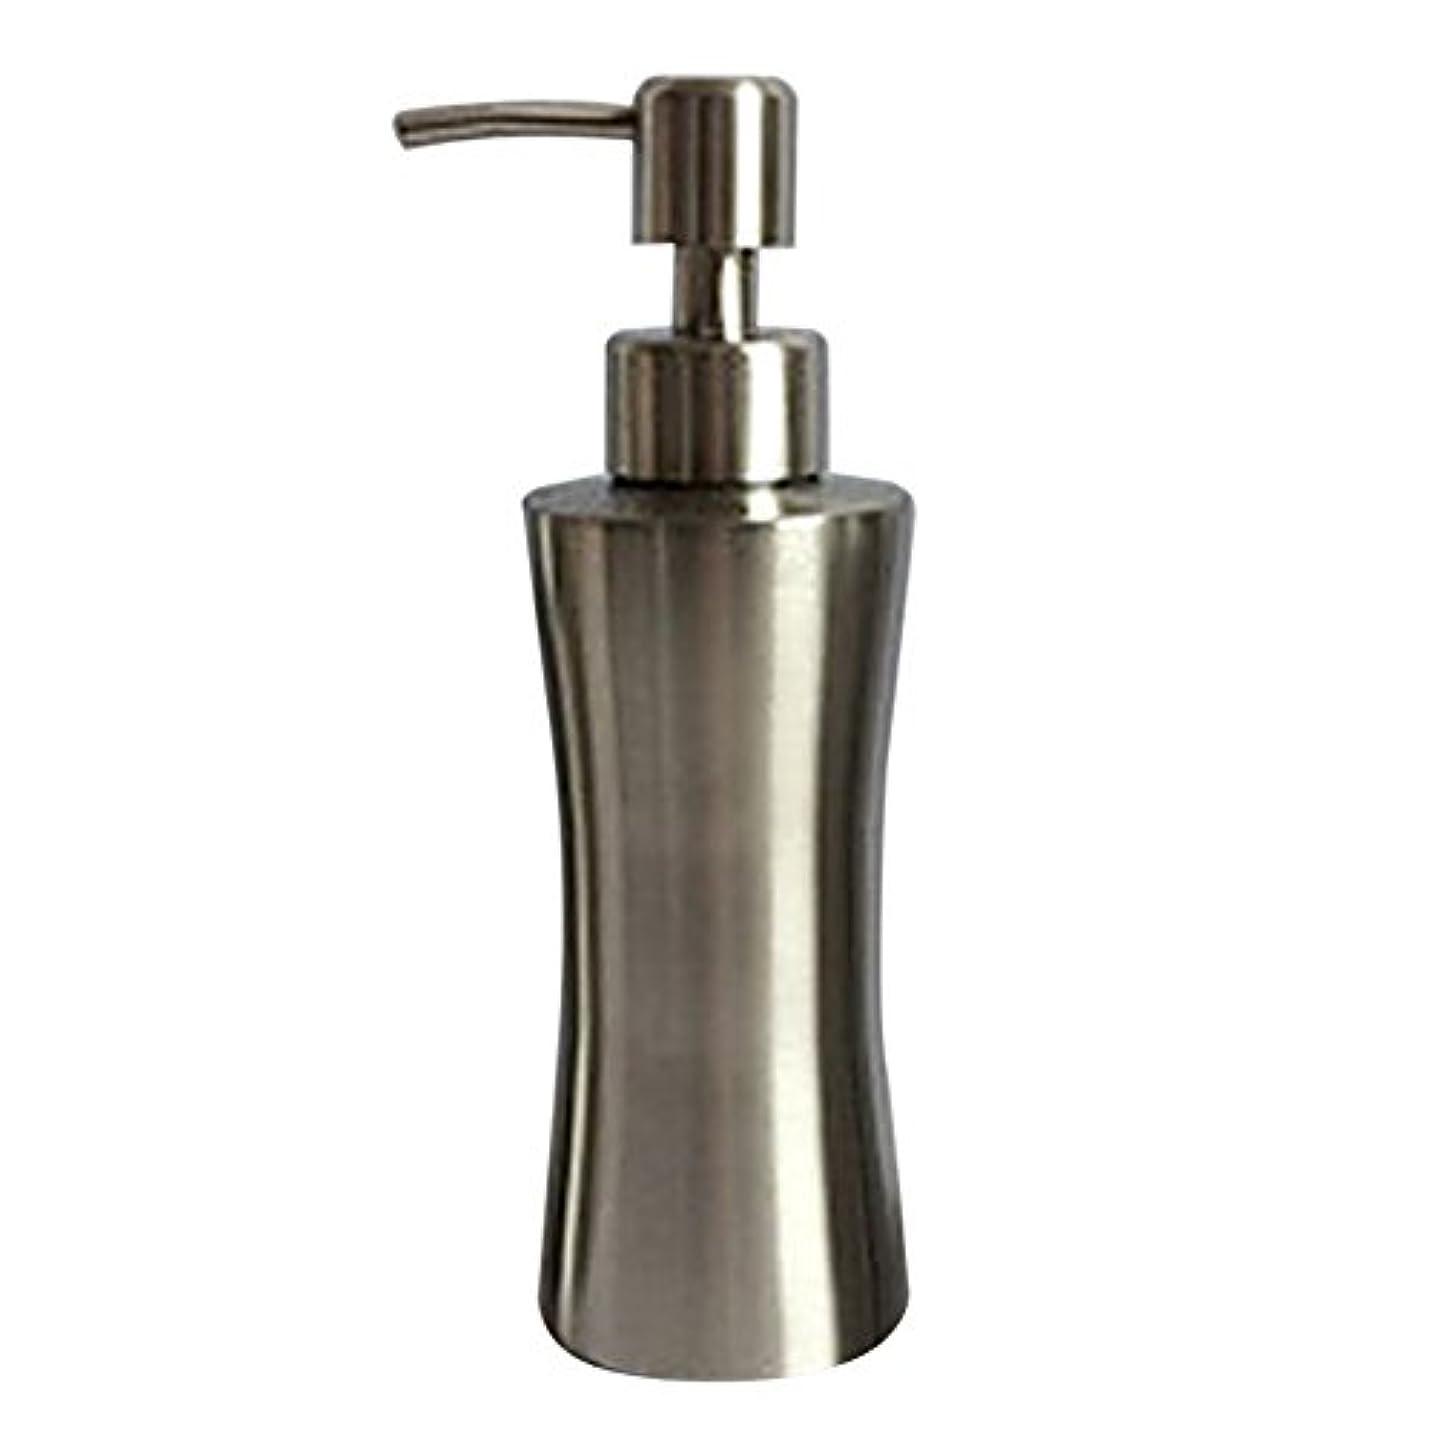 自分の力ですべてをする付けるイサカディスペンサー ステンレス ボトル 容器 ソープ 石鹸 シャンプー 手洗いボトル 耐久性 錆びない 220ml/250ml/400ml (B:250ml)